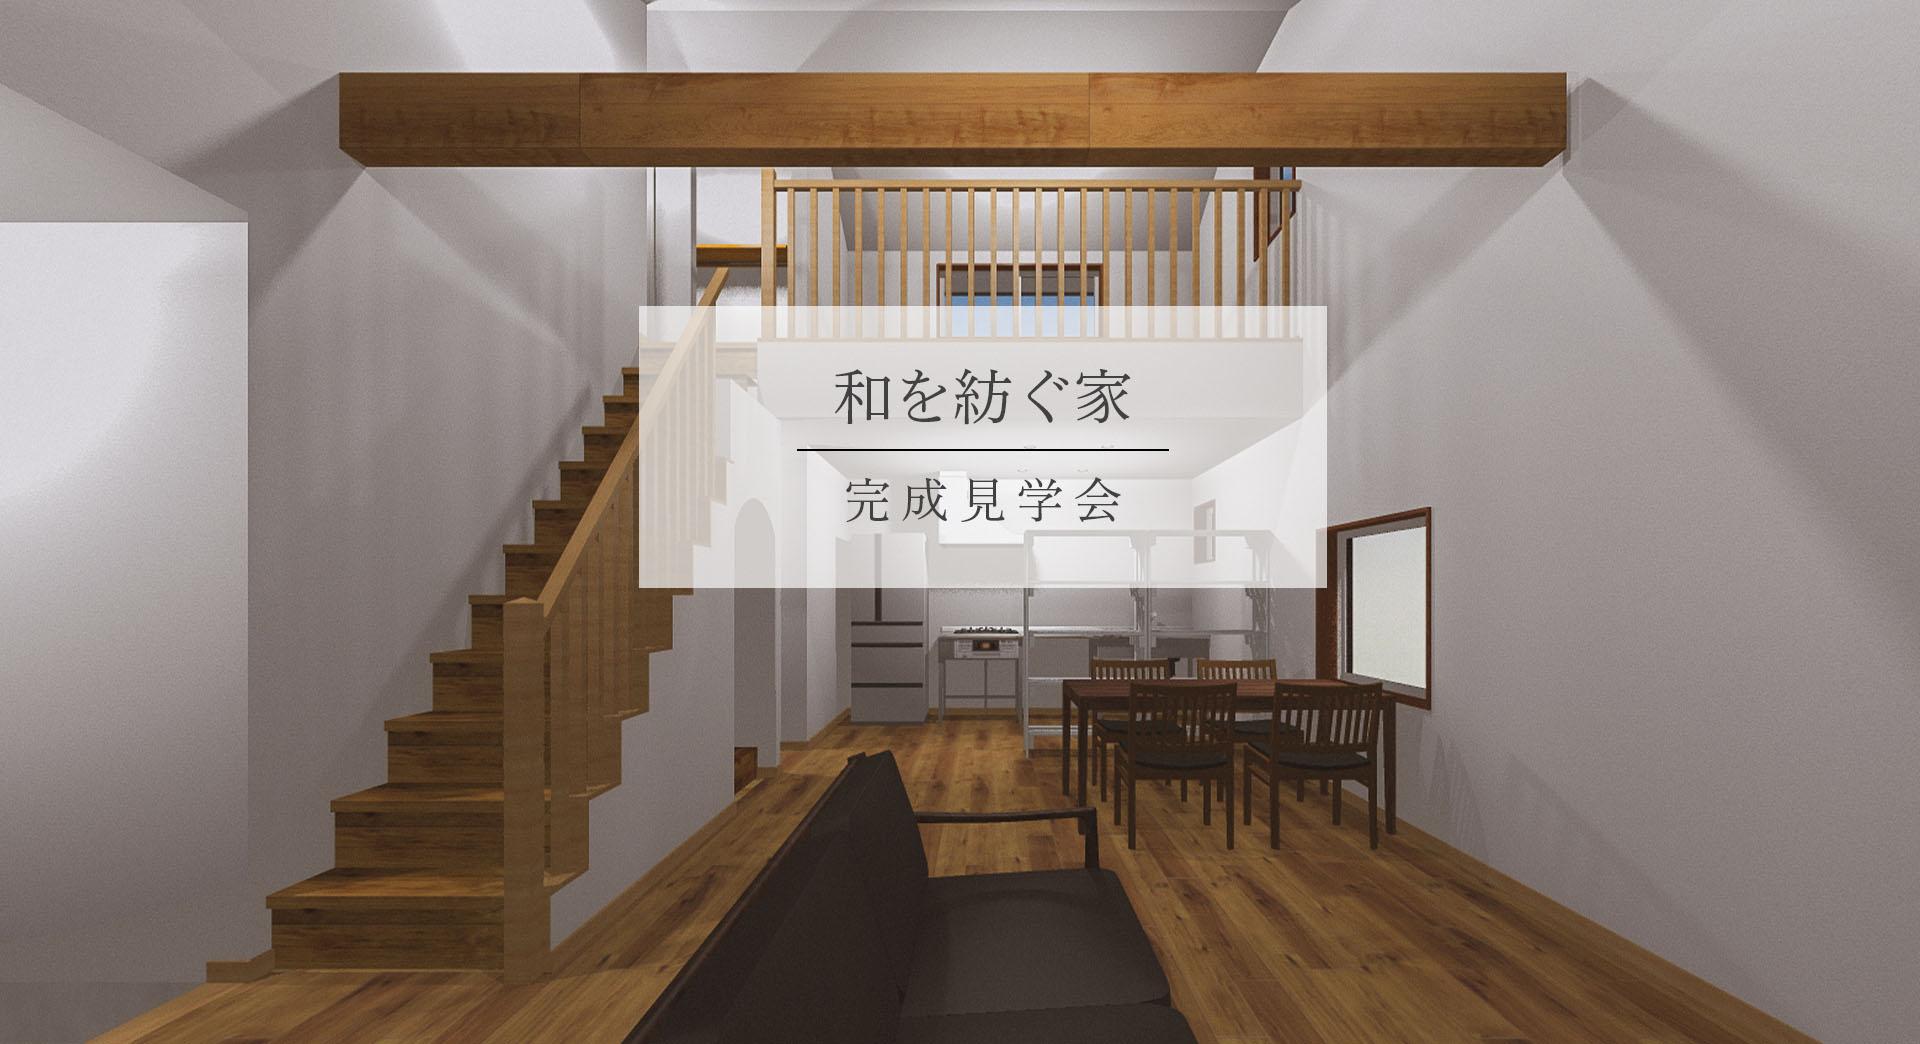 「和(やわら)を紡ぐ家」 in 岡崎市滝町